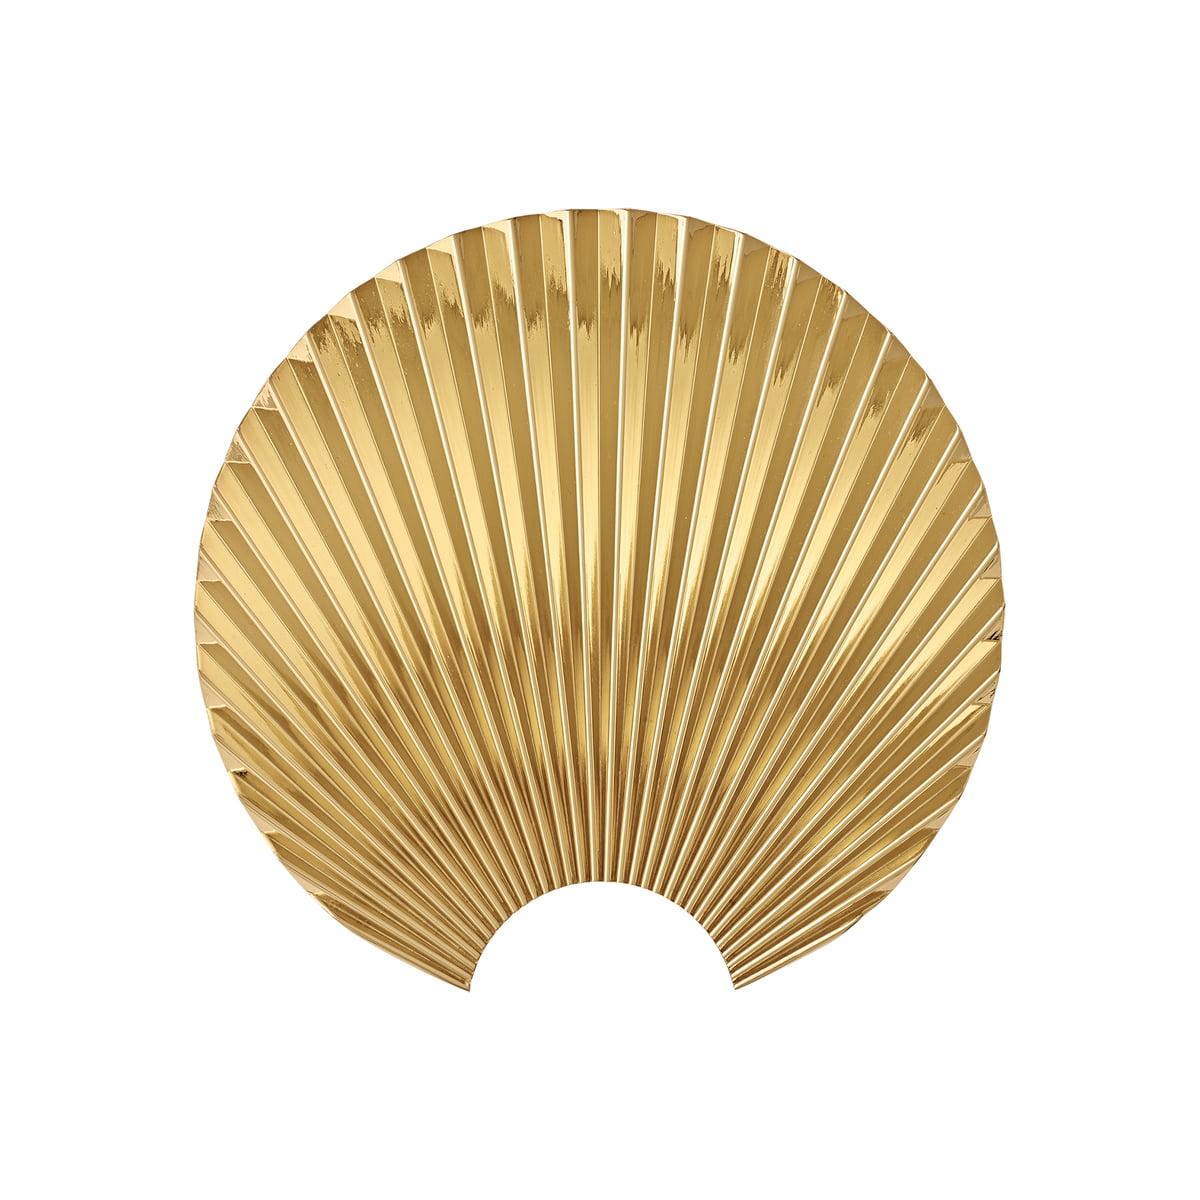 Aytm concha wandhaken medium gold